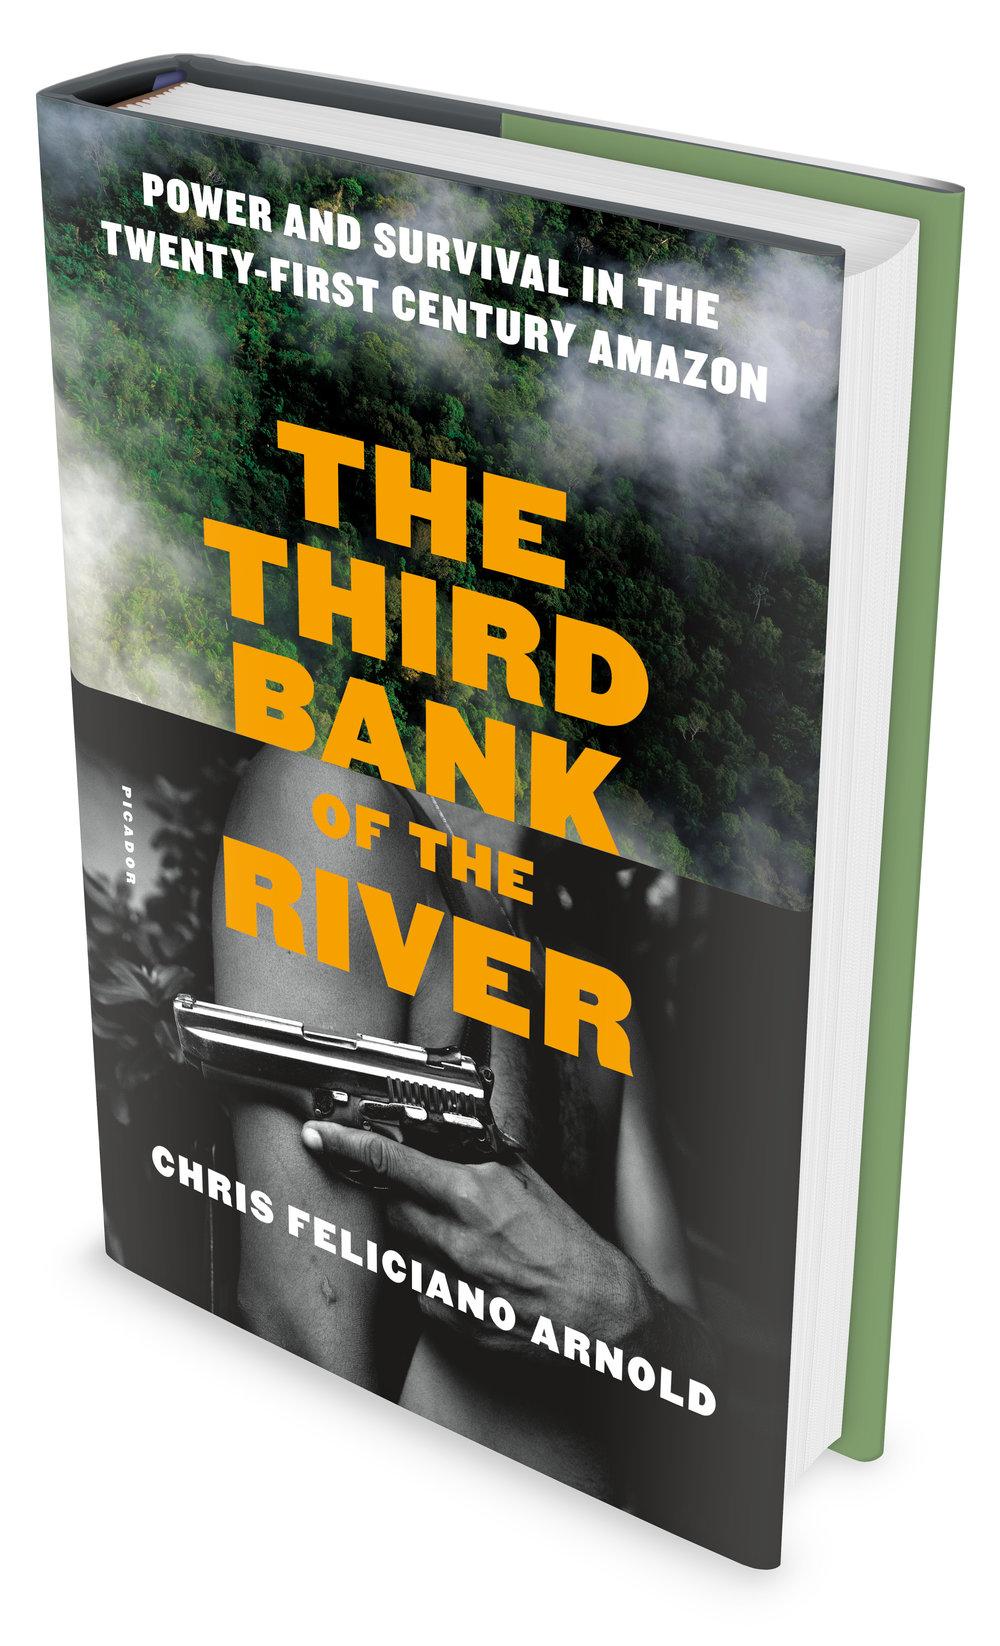 Chris-Feliciano-Arnold-third-bank.jpg